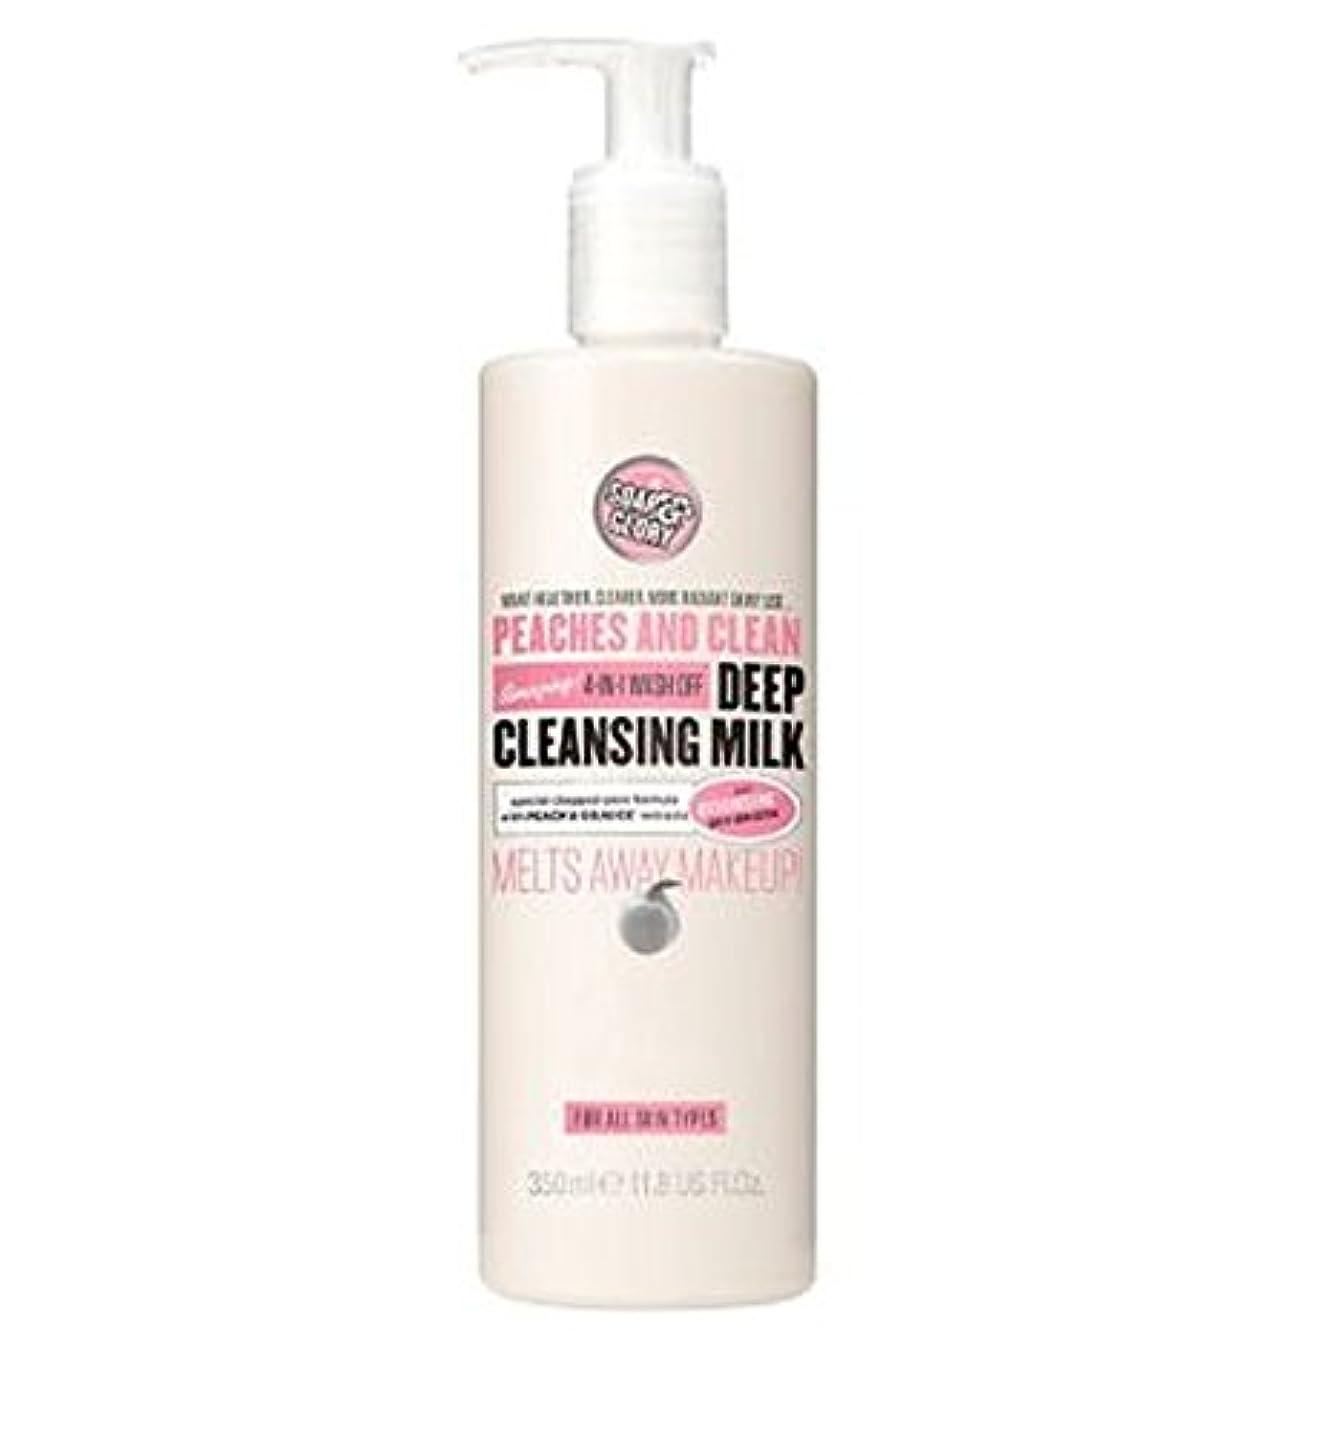 ましい配管明らかにPEACHES AND CLEAN? Deep Cleansing Milk 350ml - 桃やクリーン?ディープクレンジングミルク350ミリリットル (Soap & Glory) [並行輸入品]